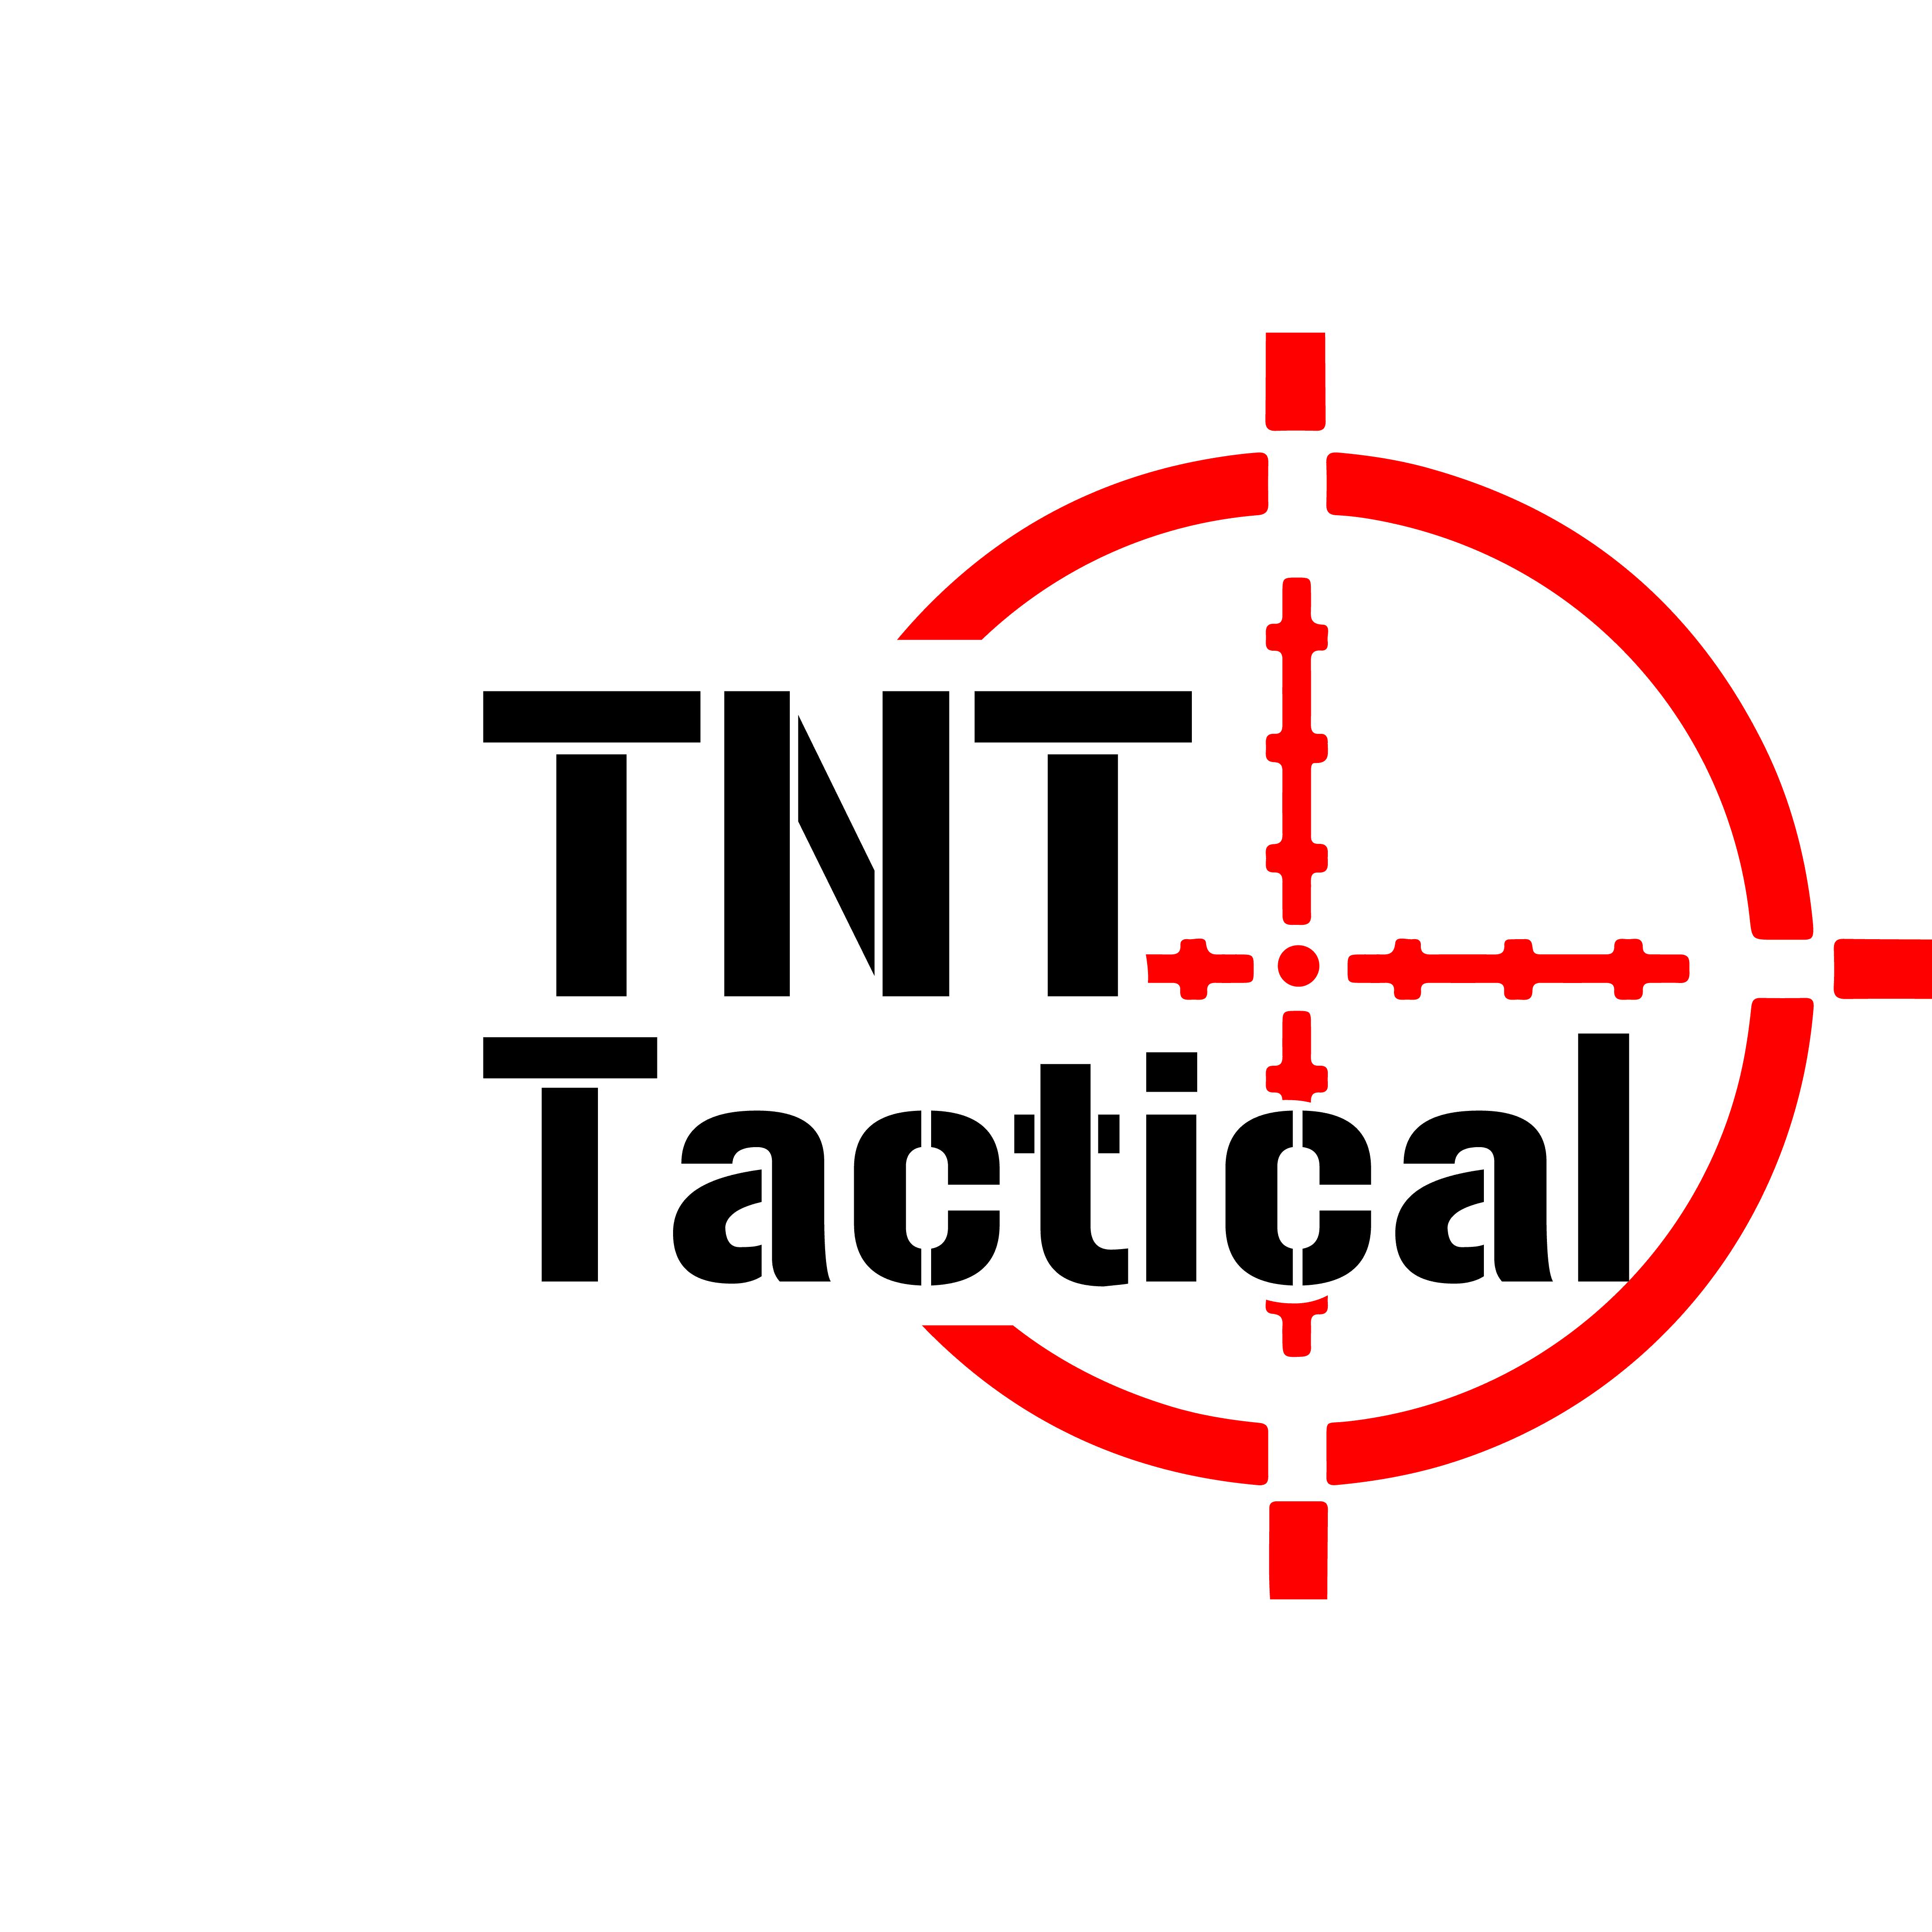 TNT Tactical